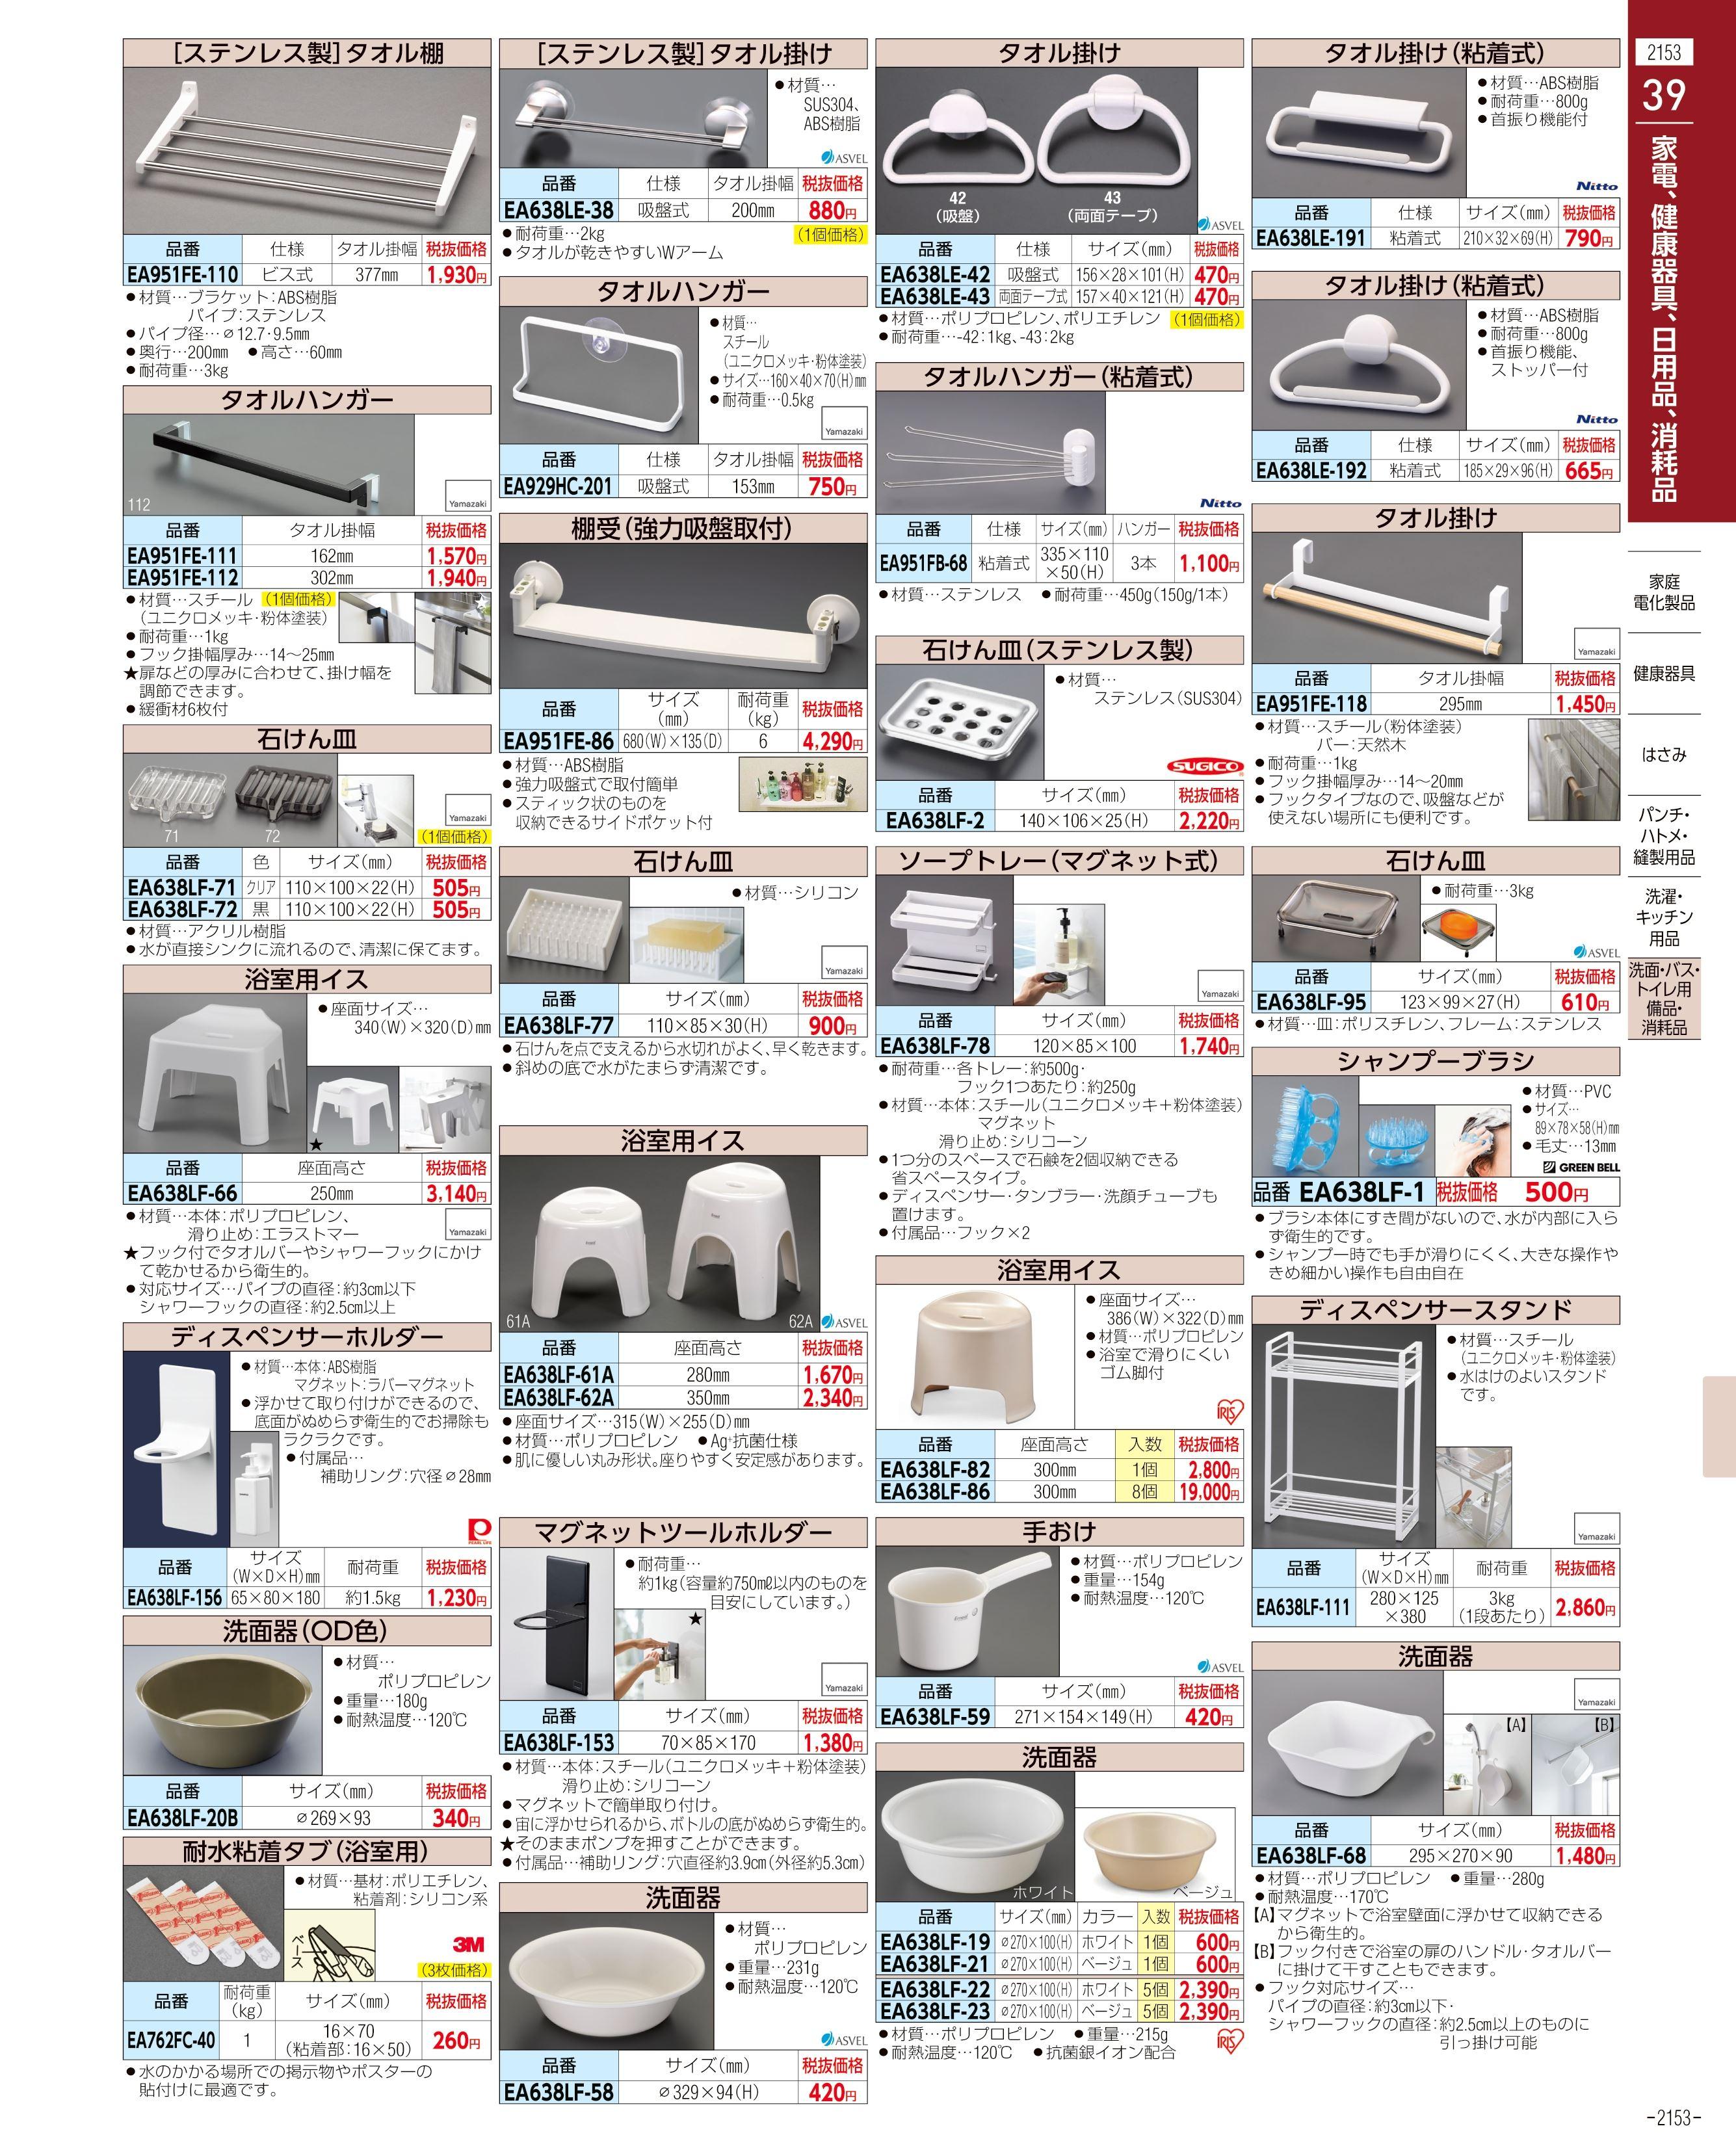 エスコ便利カタログ2153ページ